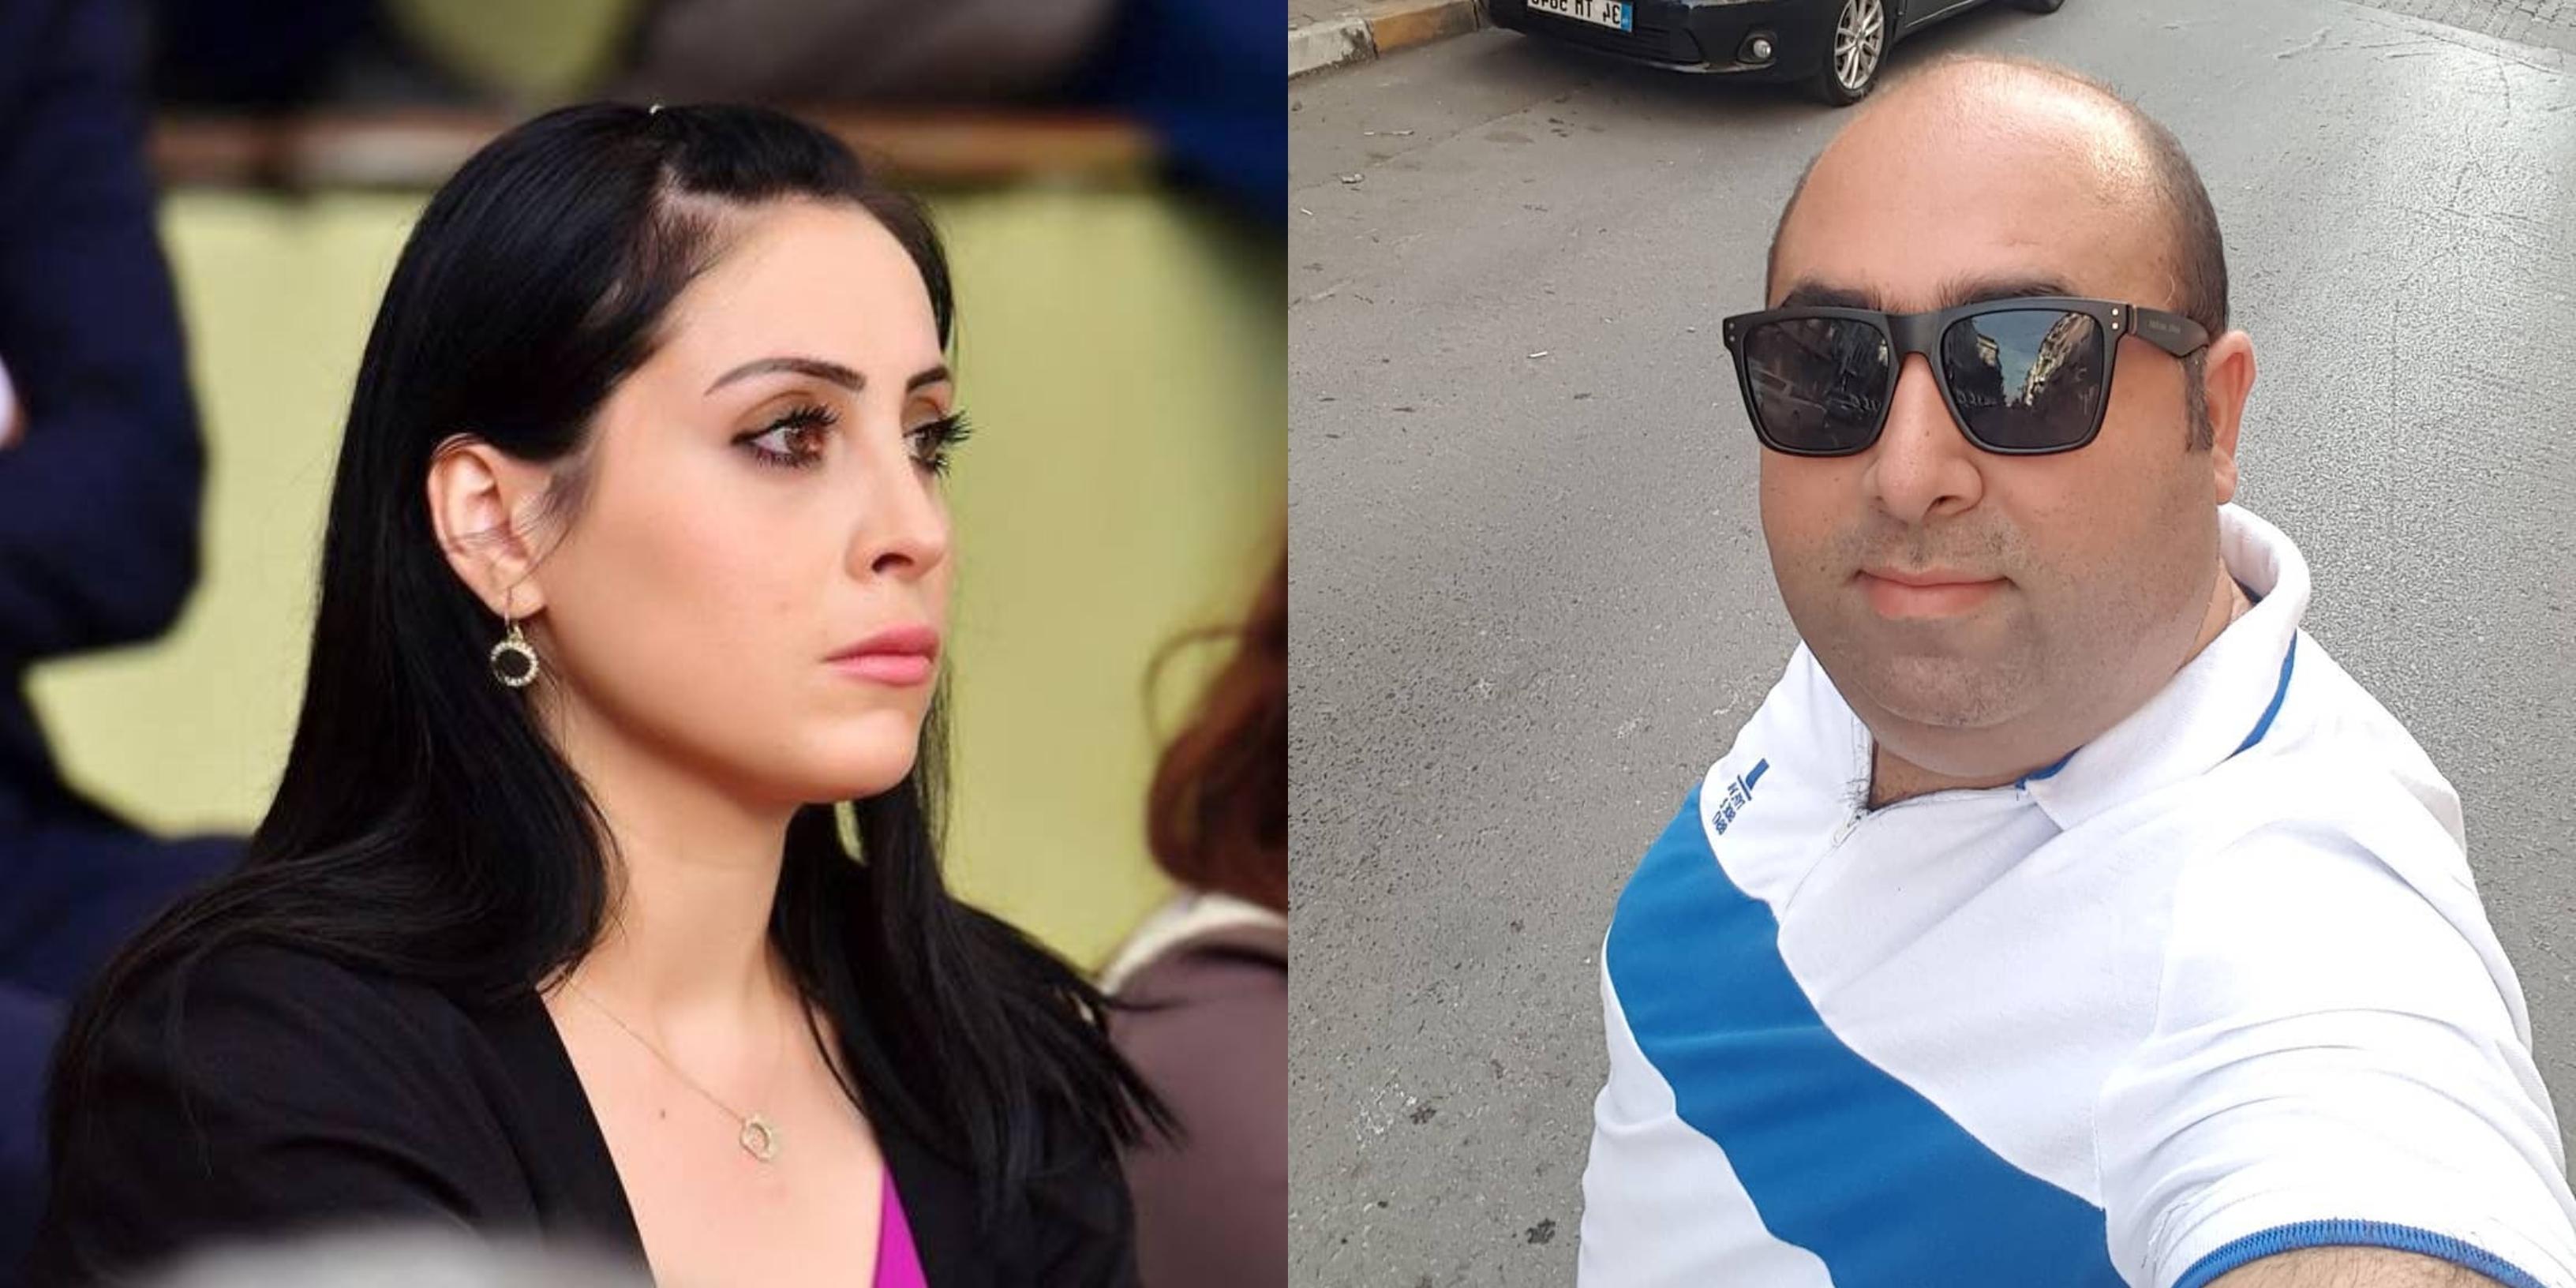 Türkiyəli aktrisa azərbaycanlı prodüserə evlilik təklifi etdi – FOTO